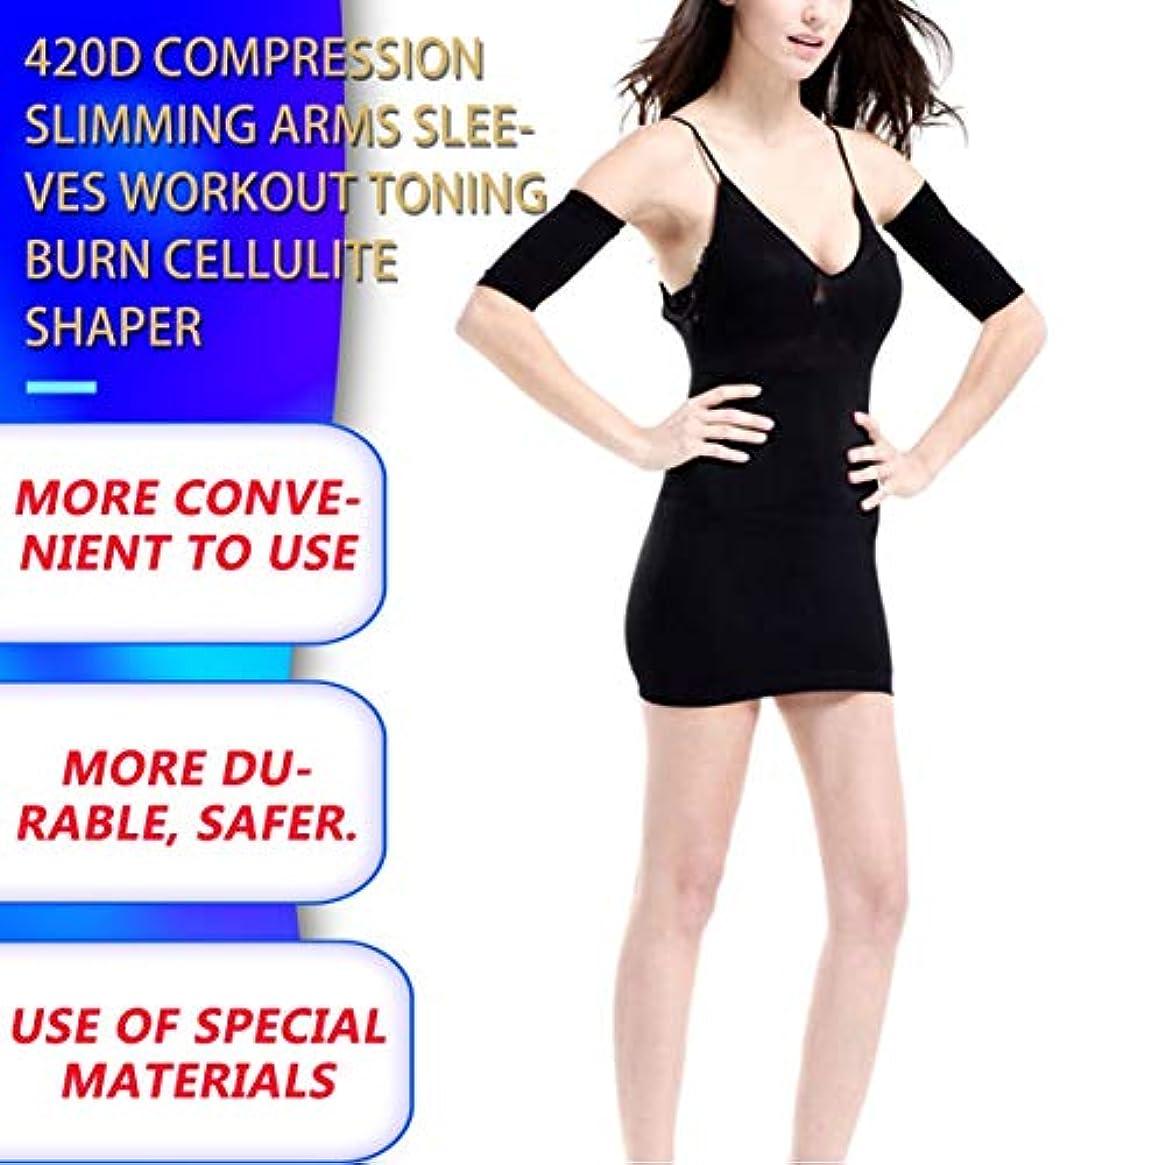 頑固な血簡潔な1ペア420 d圧縮痩身アームスリーブワークアウトトーニングバーンセルライトシェイパー脂肪燃焼袖用女性